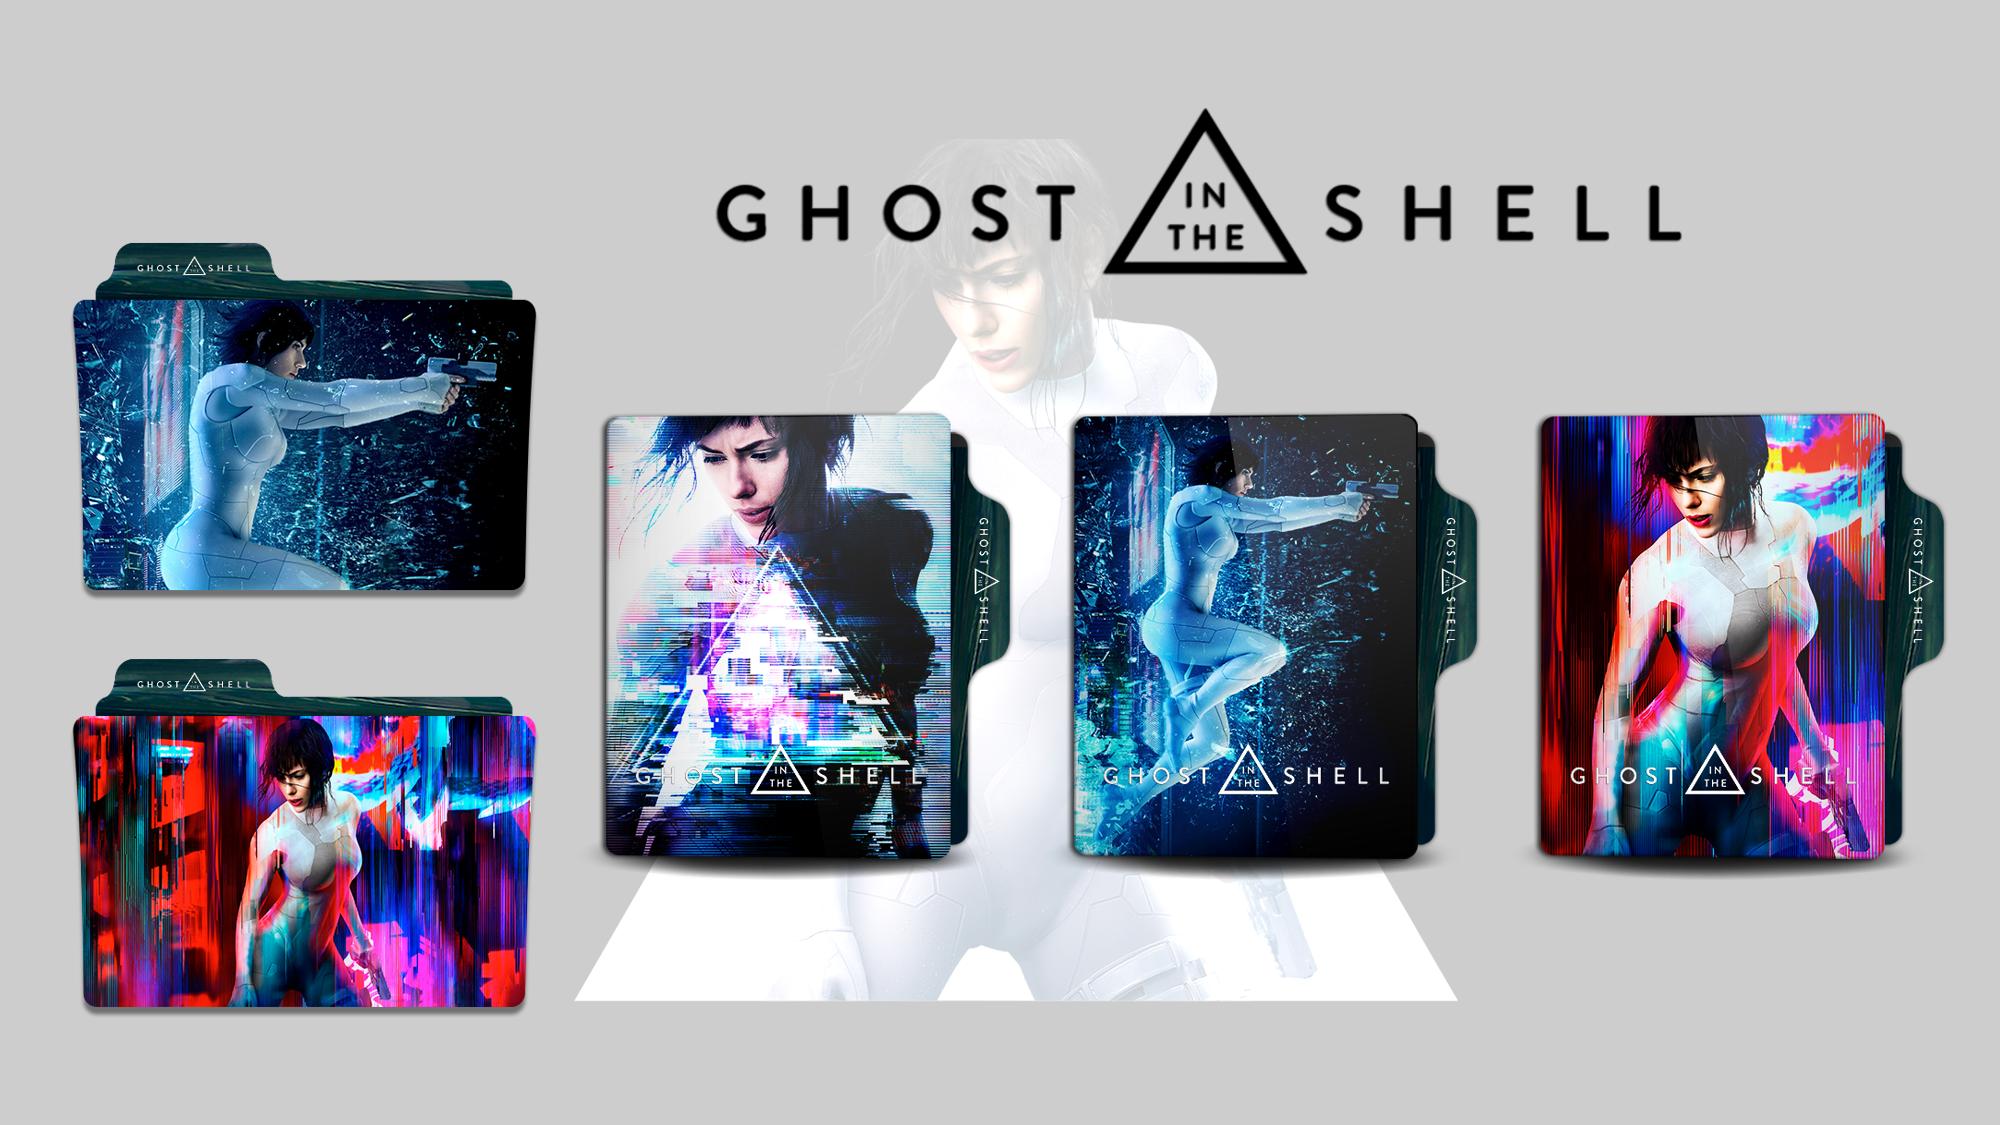 Ghost In The Shell Folder Icon By Faelpessoal On Deviantart